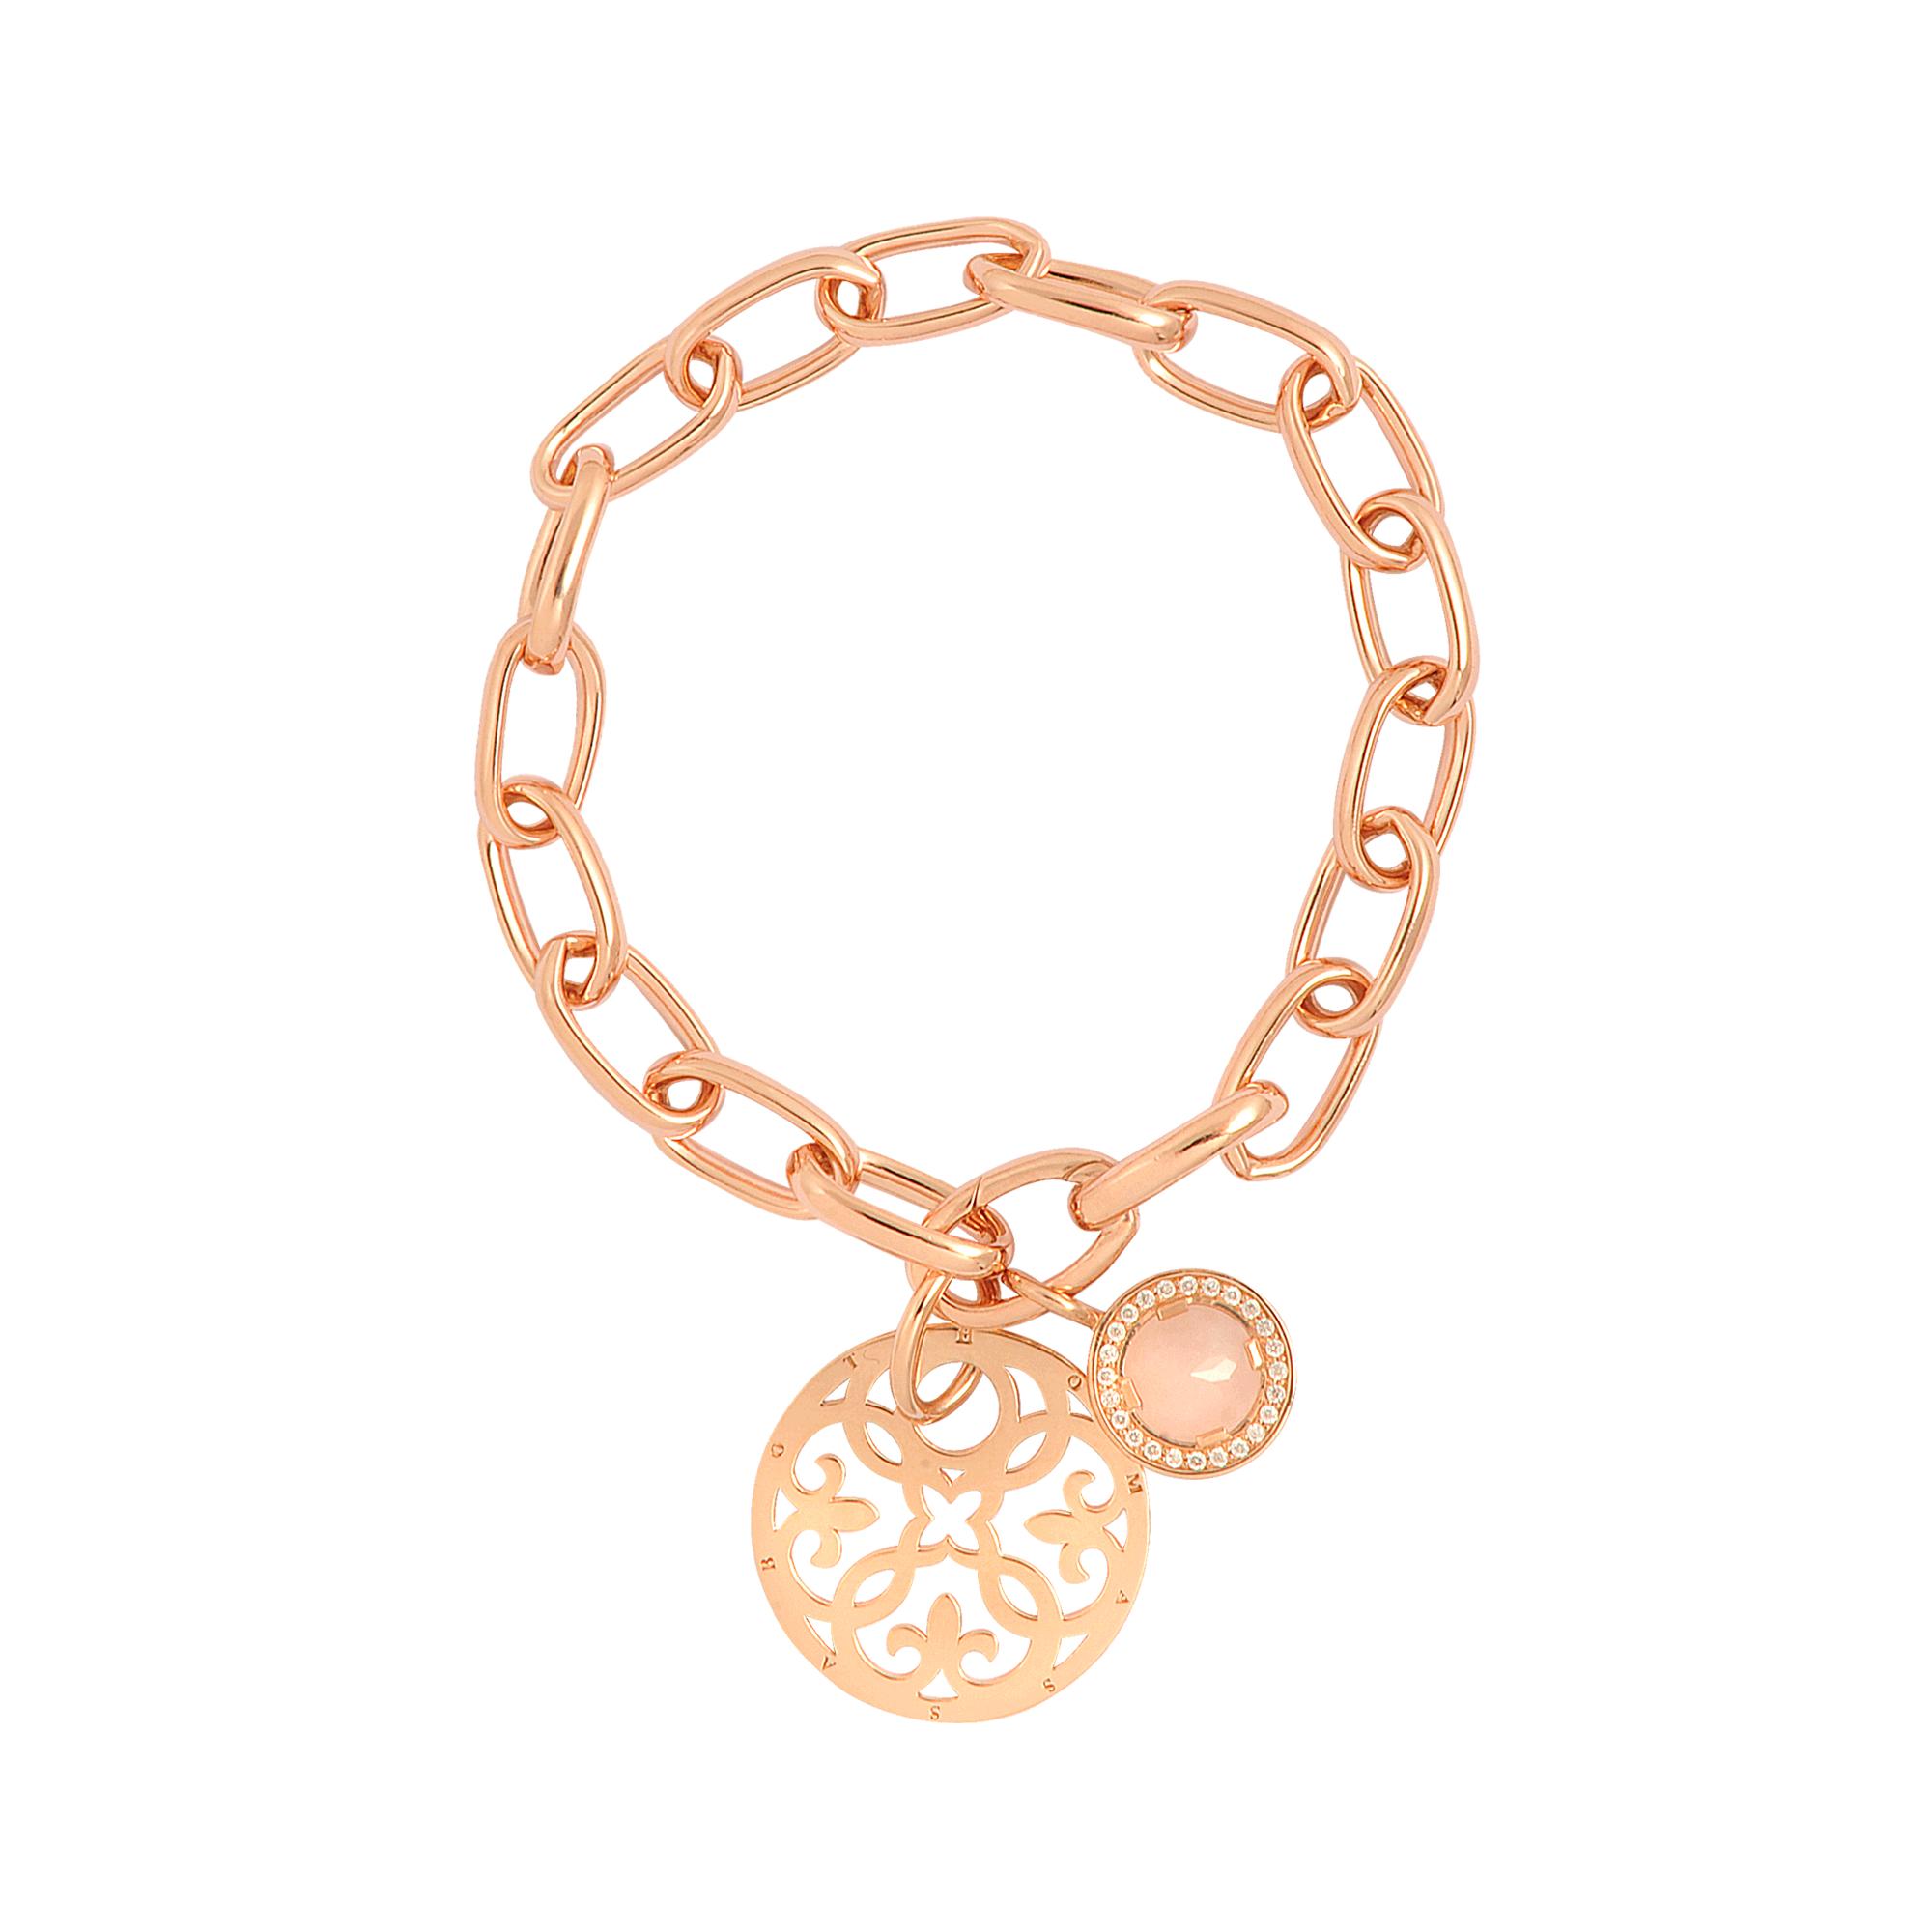 3e82e7af8b453 Thomas Sabo Pink Rose Gold Charm Bracelet